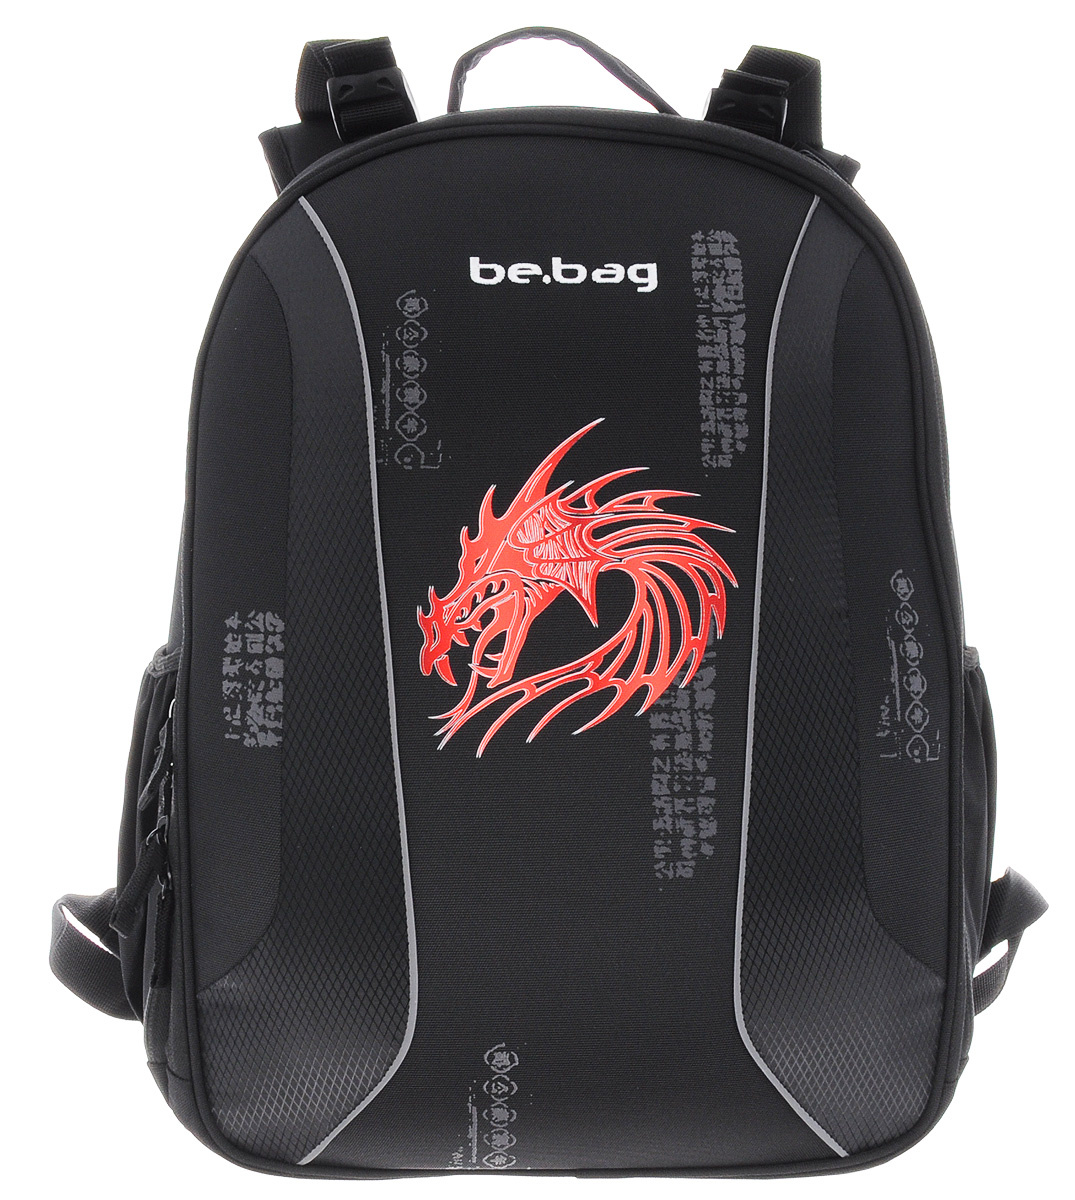 0fded8378e36 Herlitz Ранец школьный Be Bag Dragon — купить в интернет-магазине OZON.ru с быстрой  доставкой